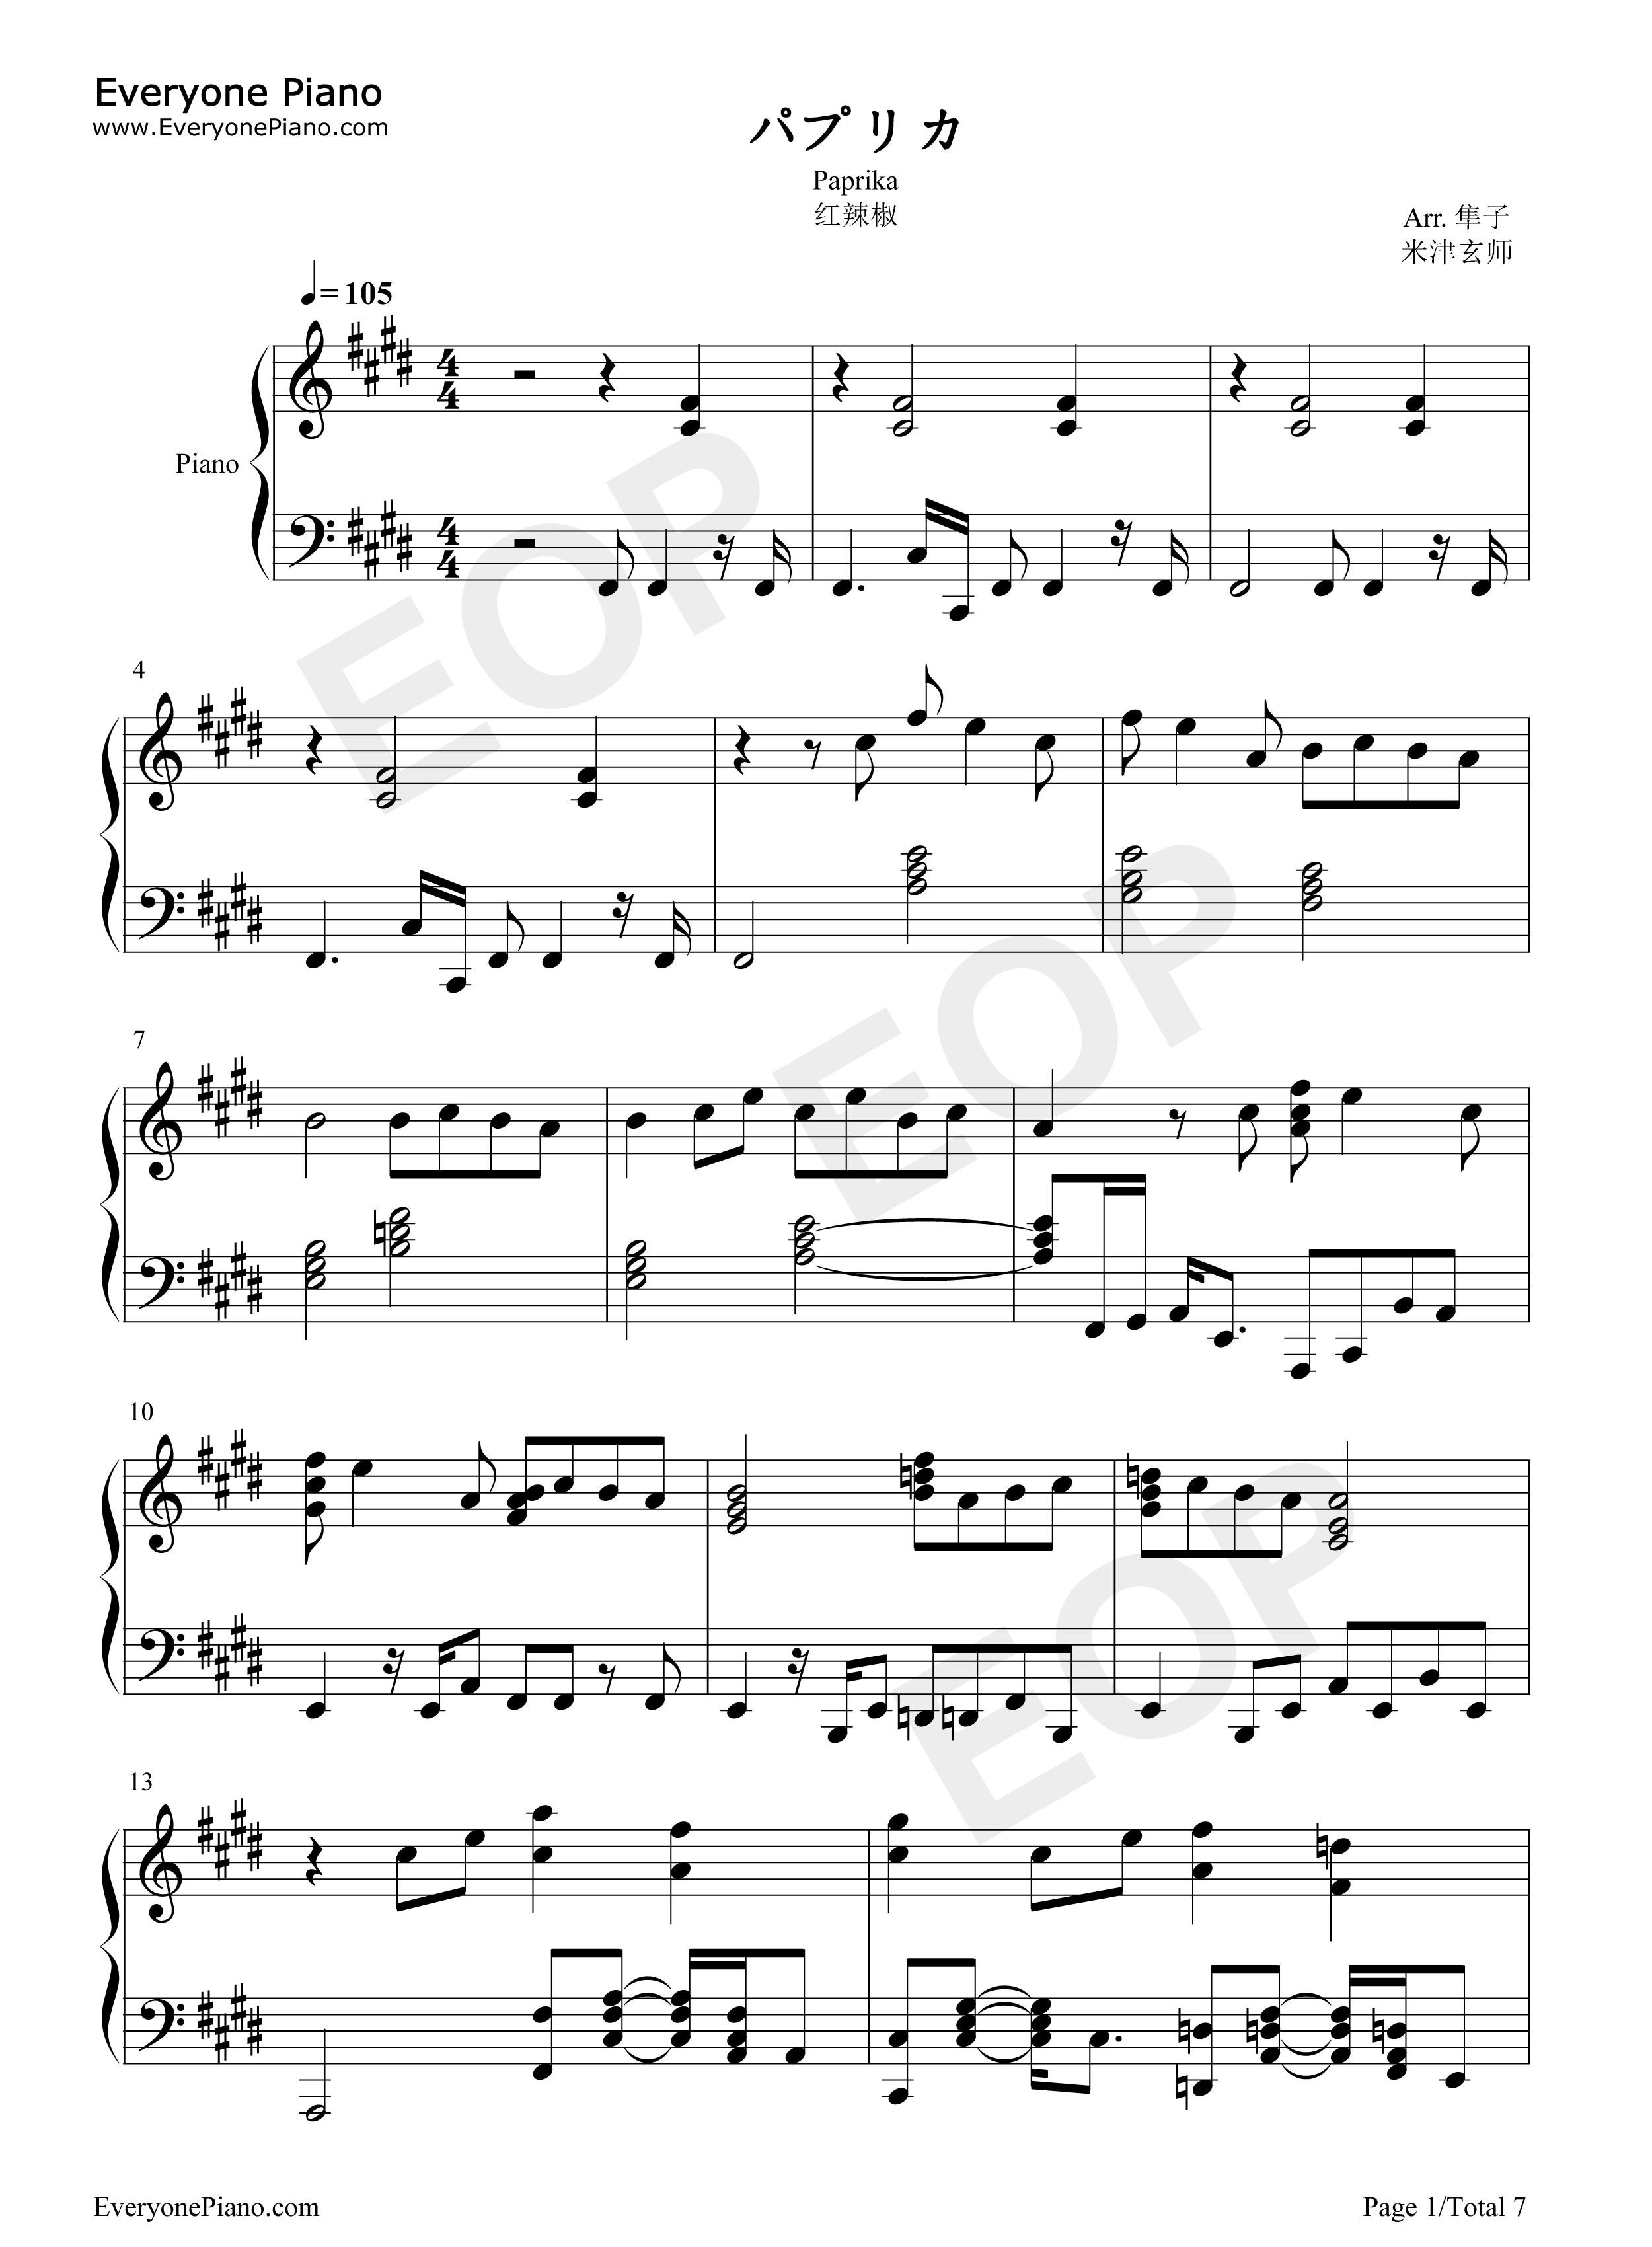 ピアノ パプリカ コード